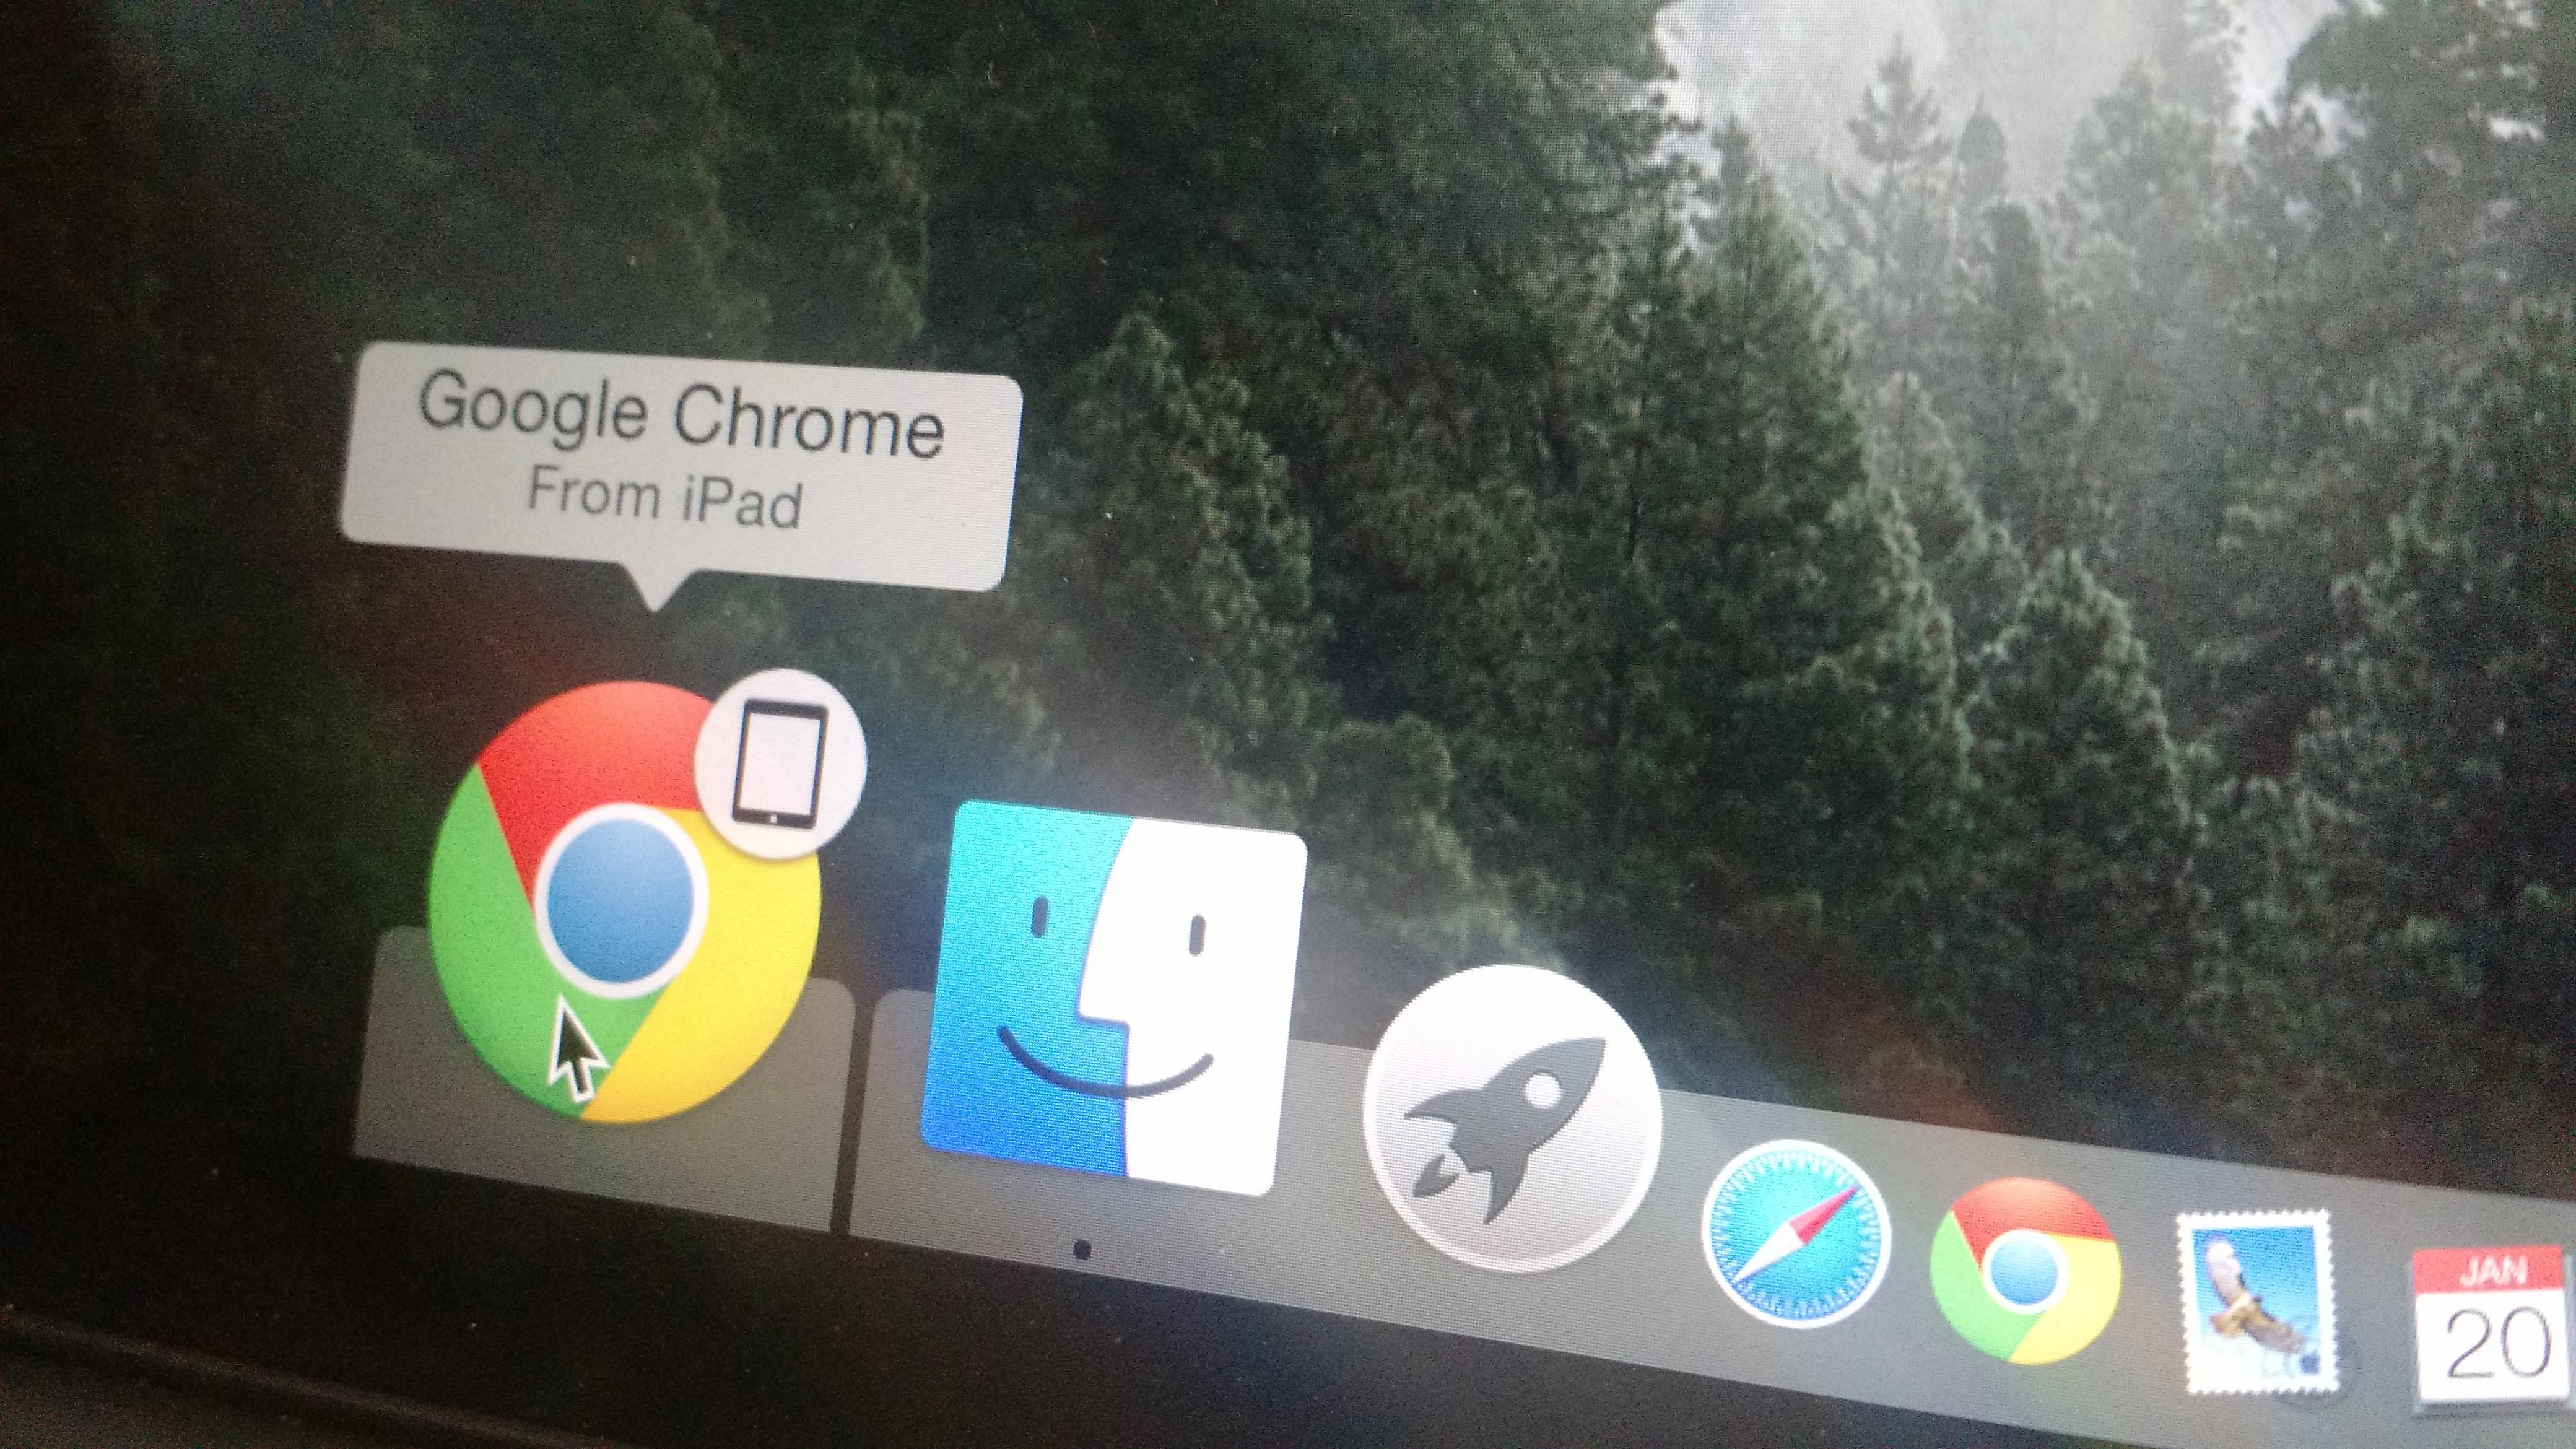 Chrome for iOS Handoff